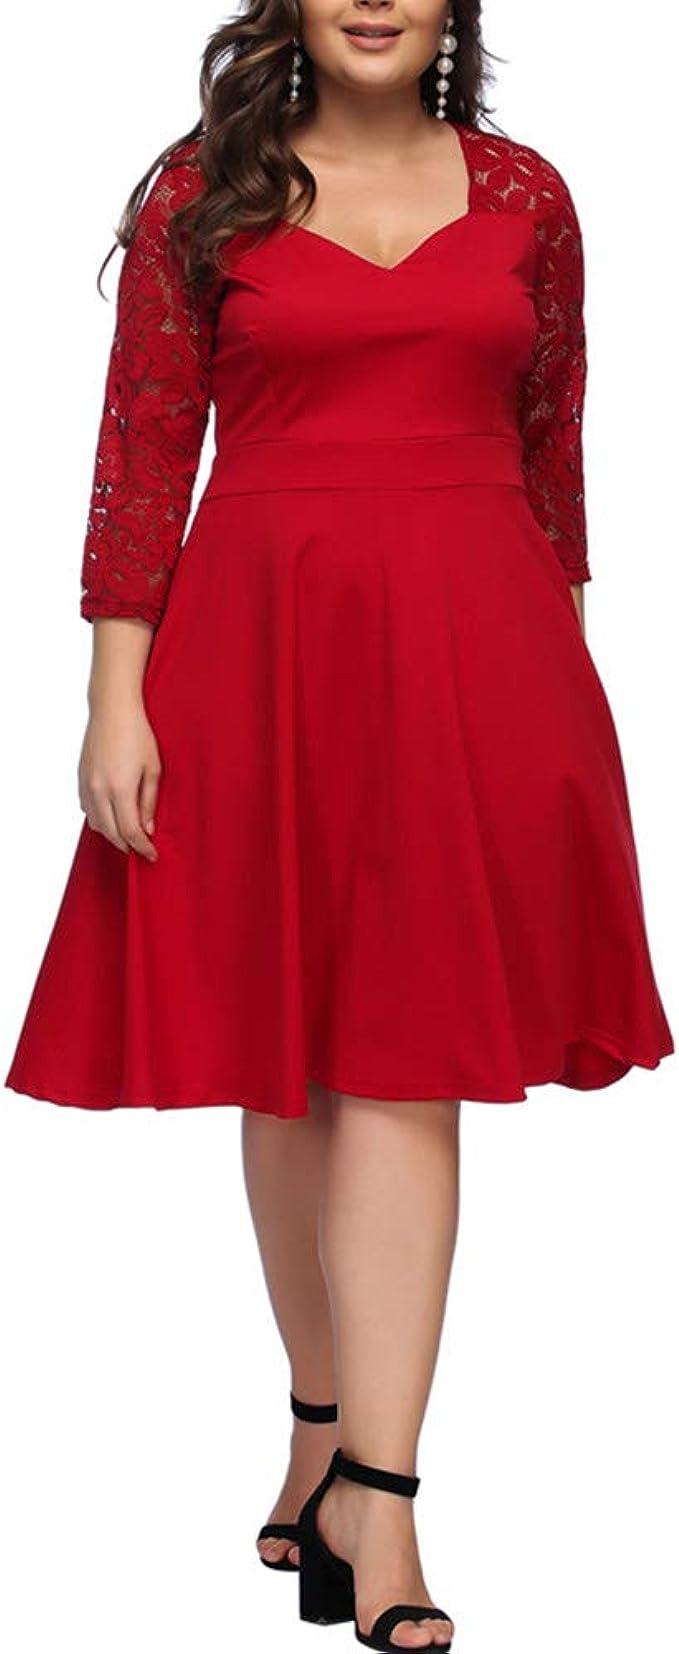 Damen Kleid Größe 56 58 60 62 64 66 Übergröße Kleider Maxikleid Spitze 1